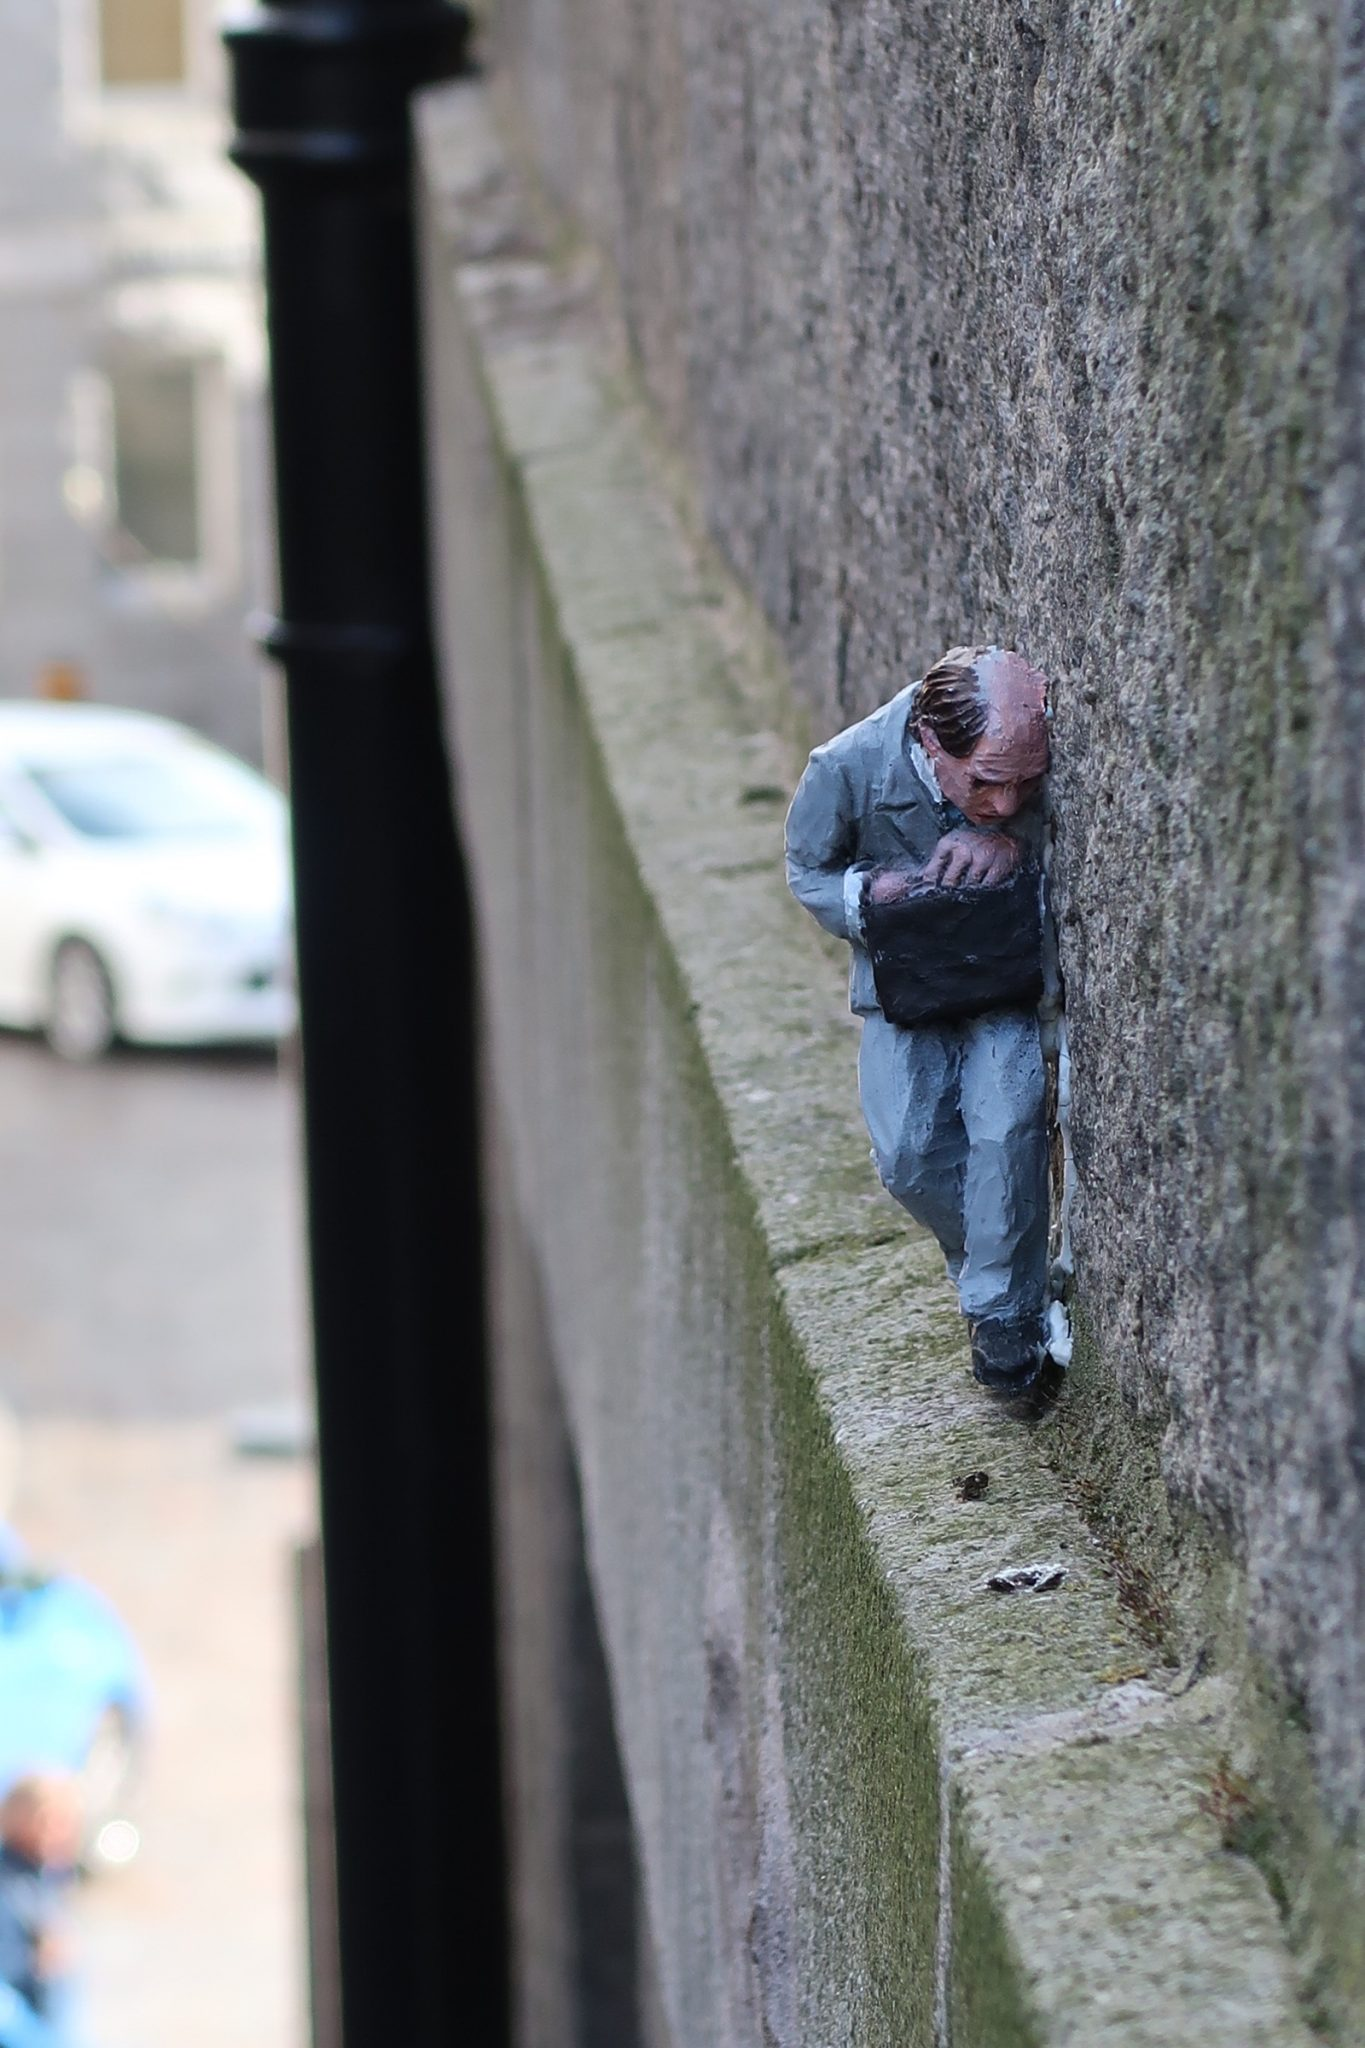 Nuart Aberdeen City Centre Street Art Artist Isaac Cordal Miniature Sculpture